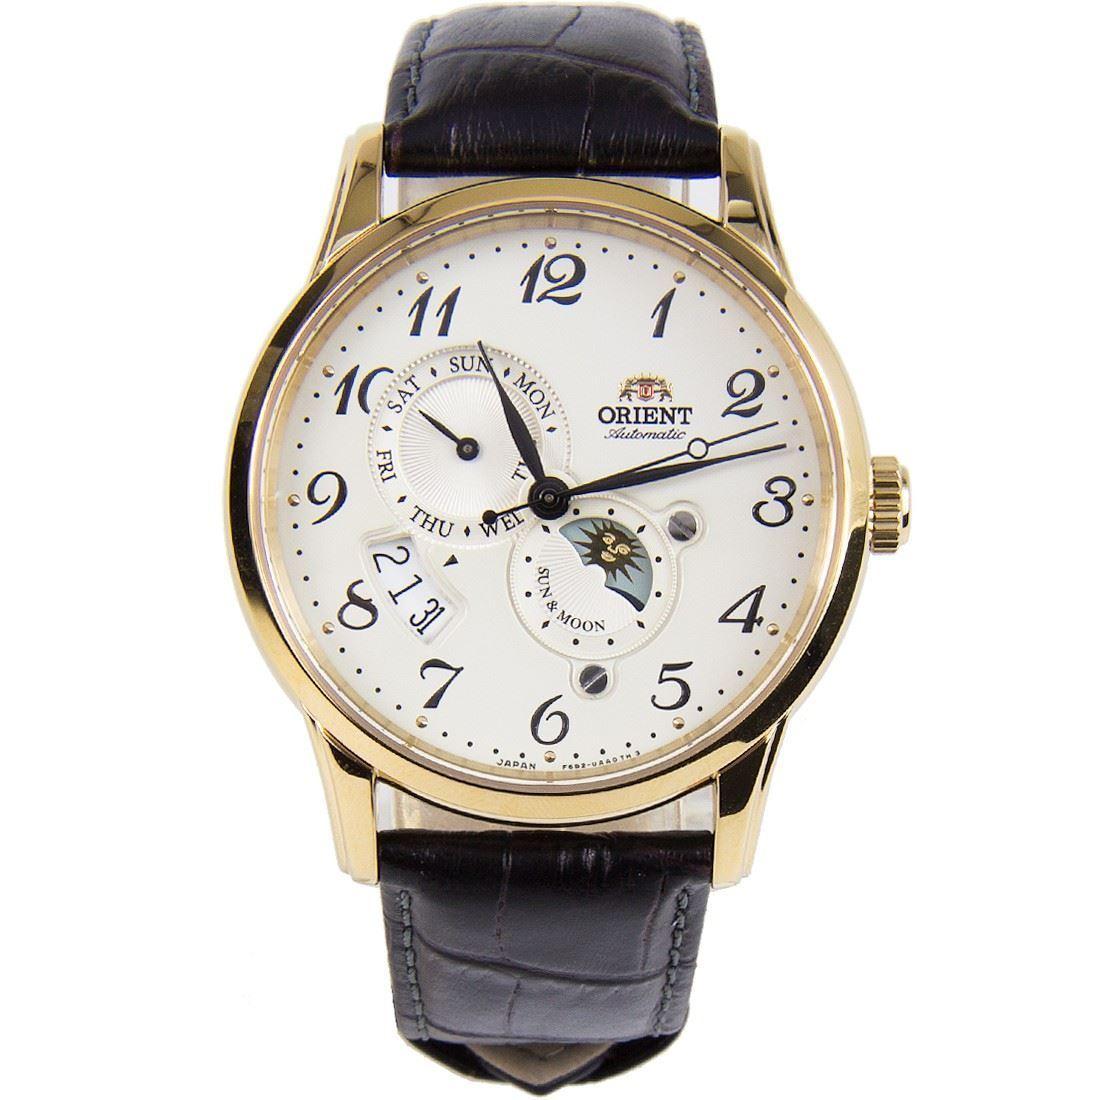 นาฬิกาผู้ชาย Orient รุ่น RA-AK0002S00B, Automatic Sun And Moon Japan Made Men's Watch